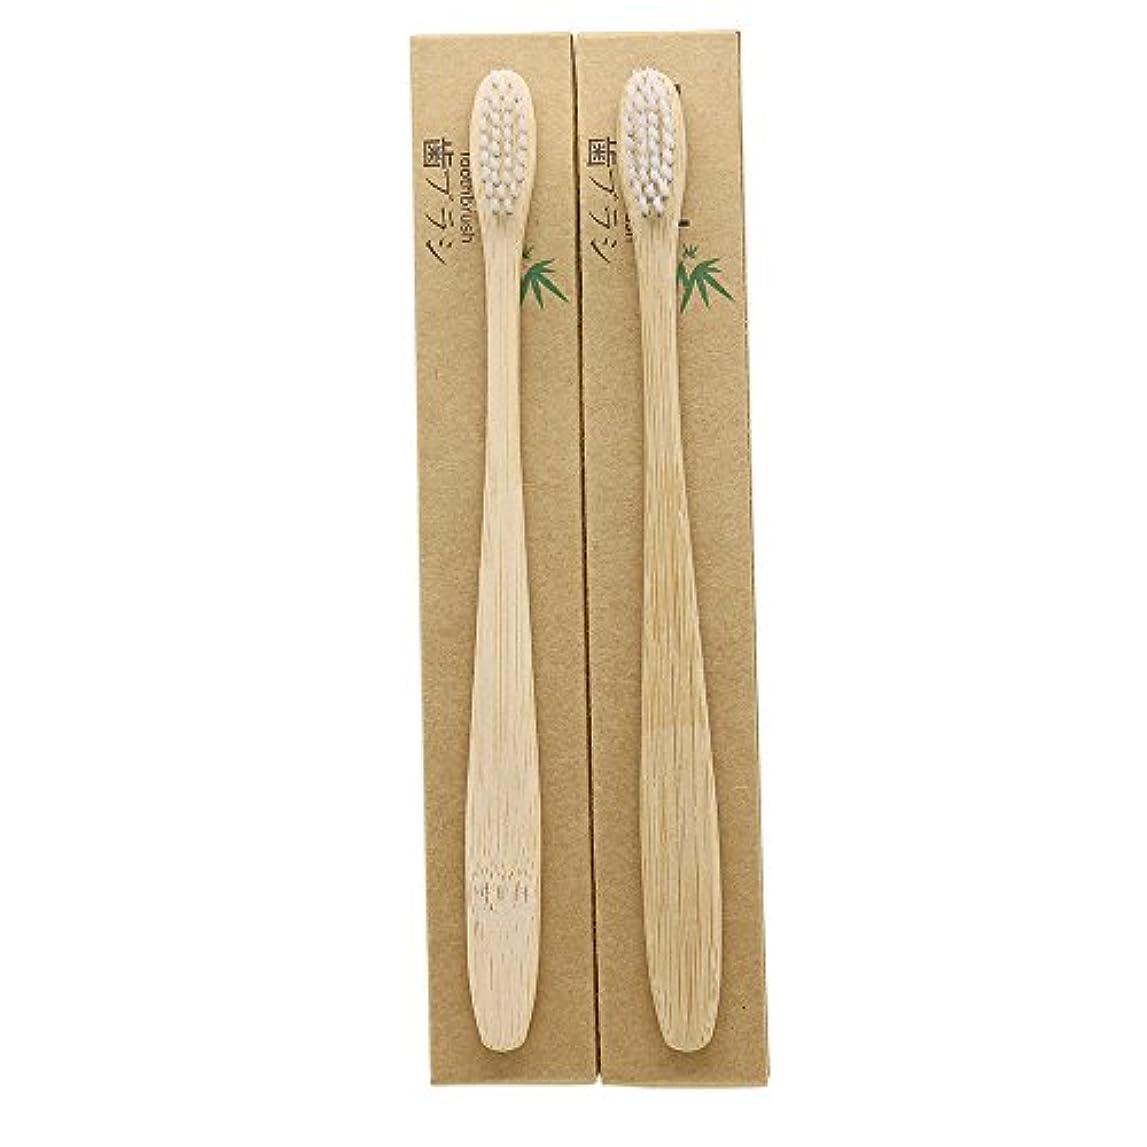 フェンス助言するメガロポリスN-amboo 竹製耐久度高い 歯ブラシ 2本入り セット エコ ヘッド小さい 白い